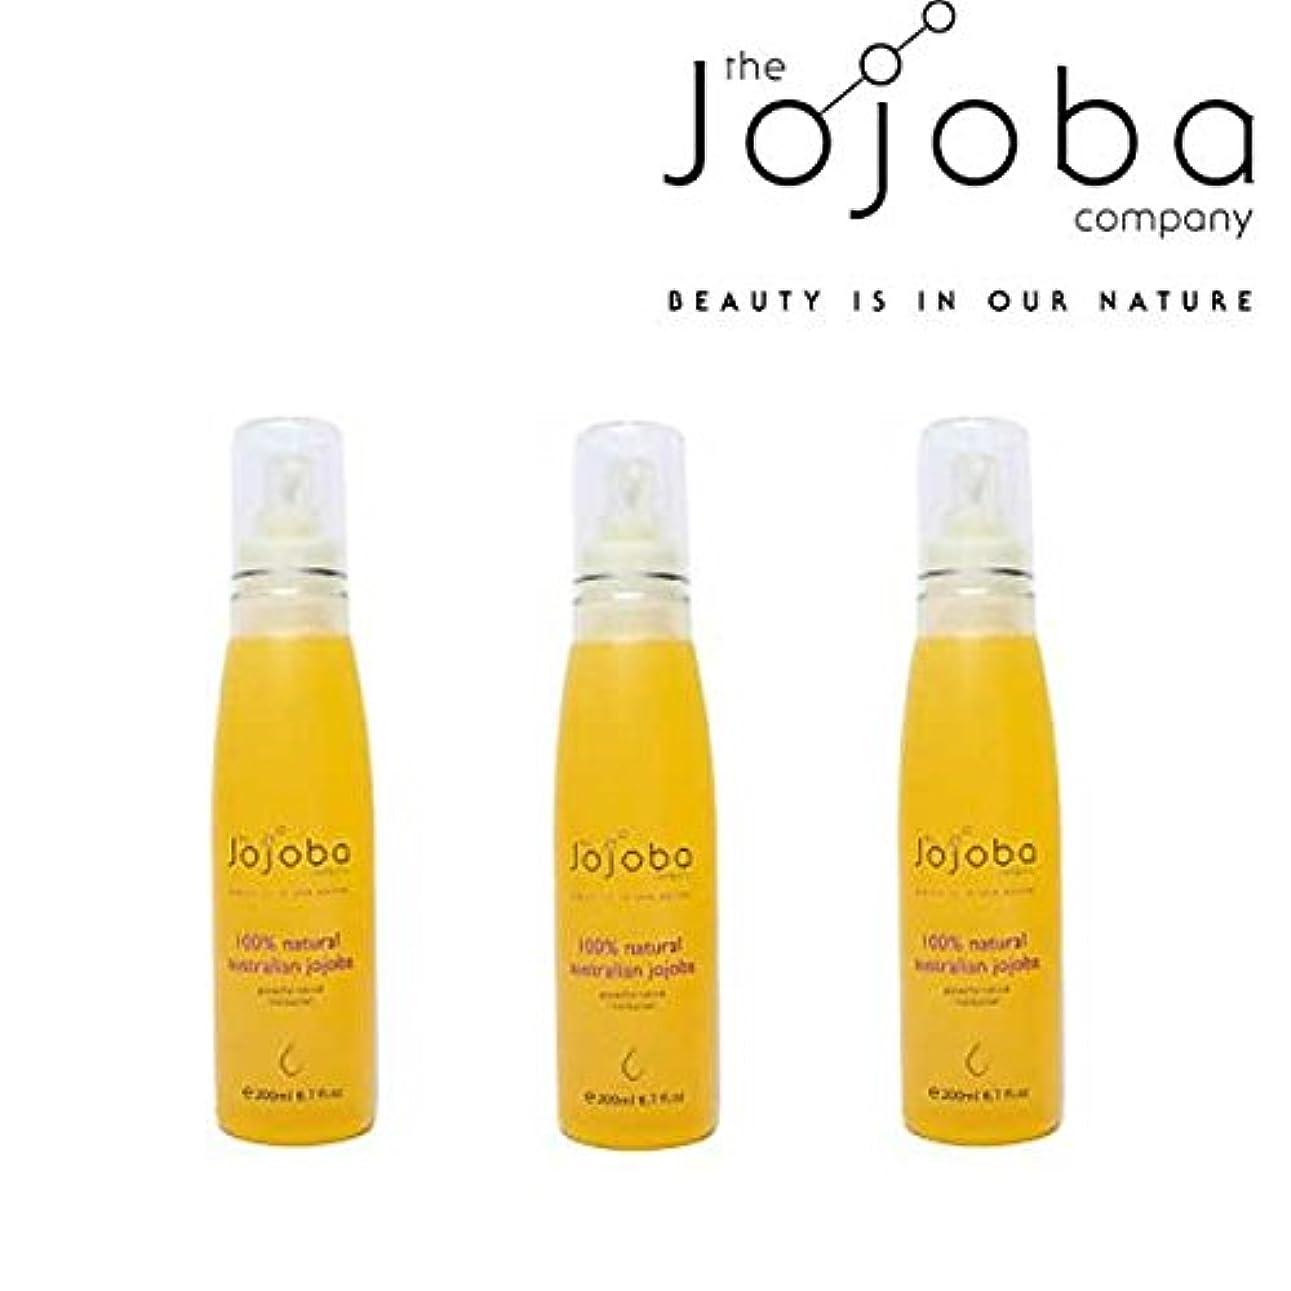 傘生き返らせる発揮する[The jojoba Company]天然100% オーストラリア産ゴールデンホホバオイル200ml(3本セット)[海外直送品]